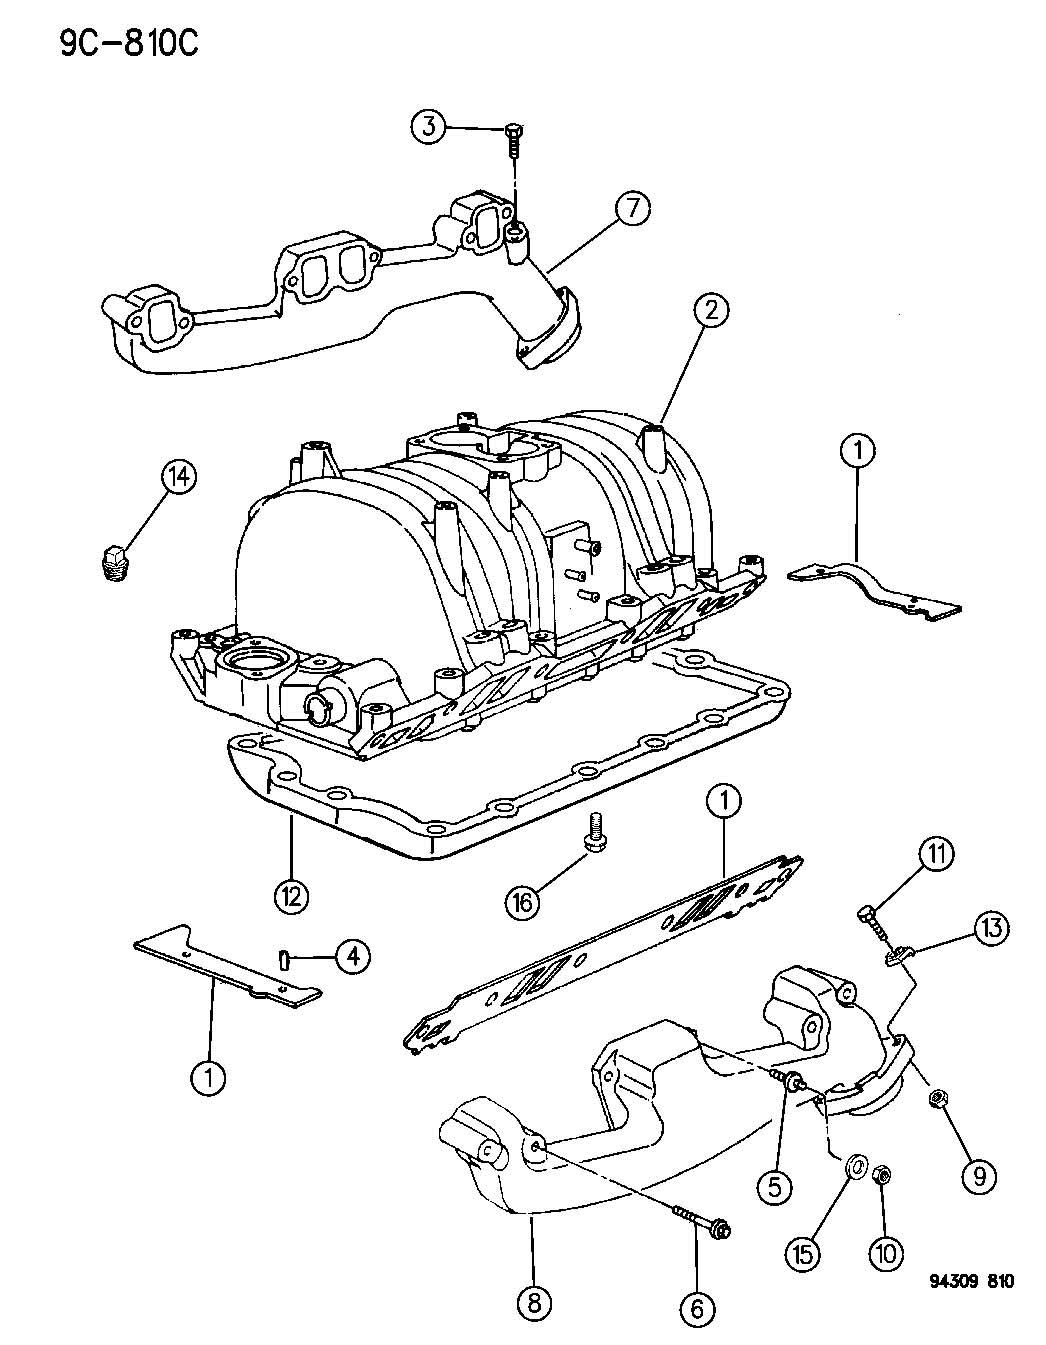 Dodge Ram Manifold Exhaust Left Emlemm Exhausts